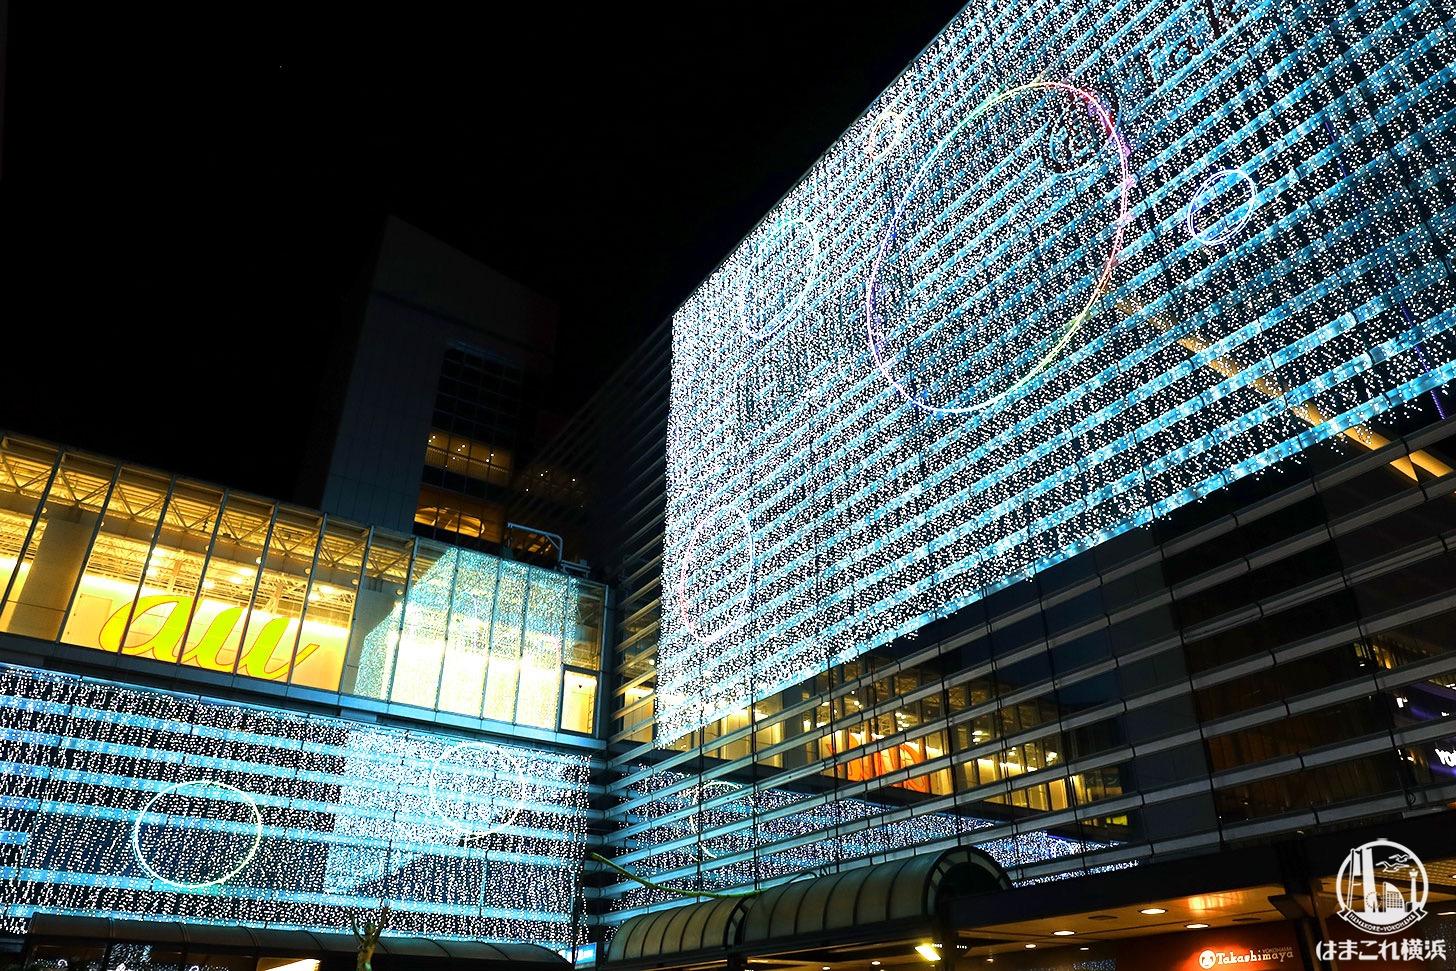 ヨコハマイルミネーション 横浜高島屋・相鉄ジョイナス壁面ライトアップ